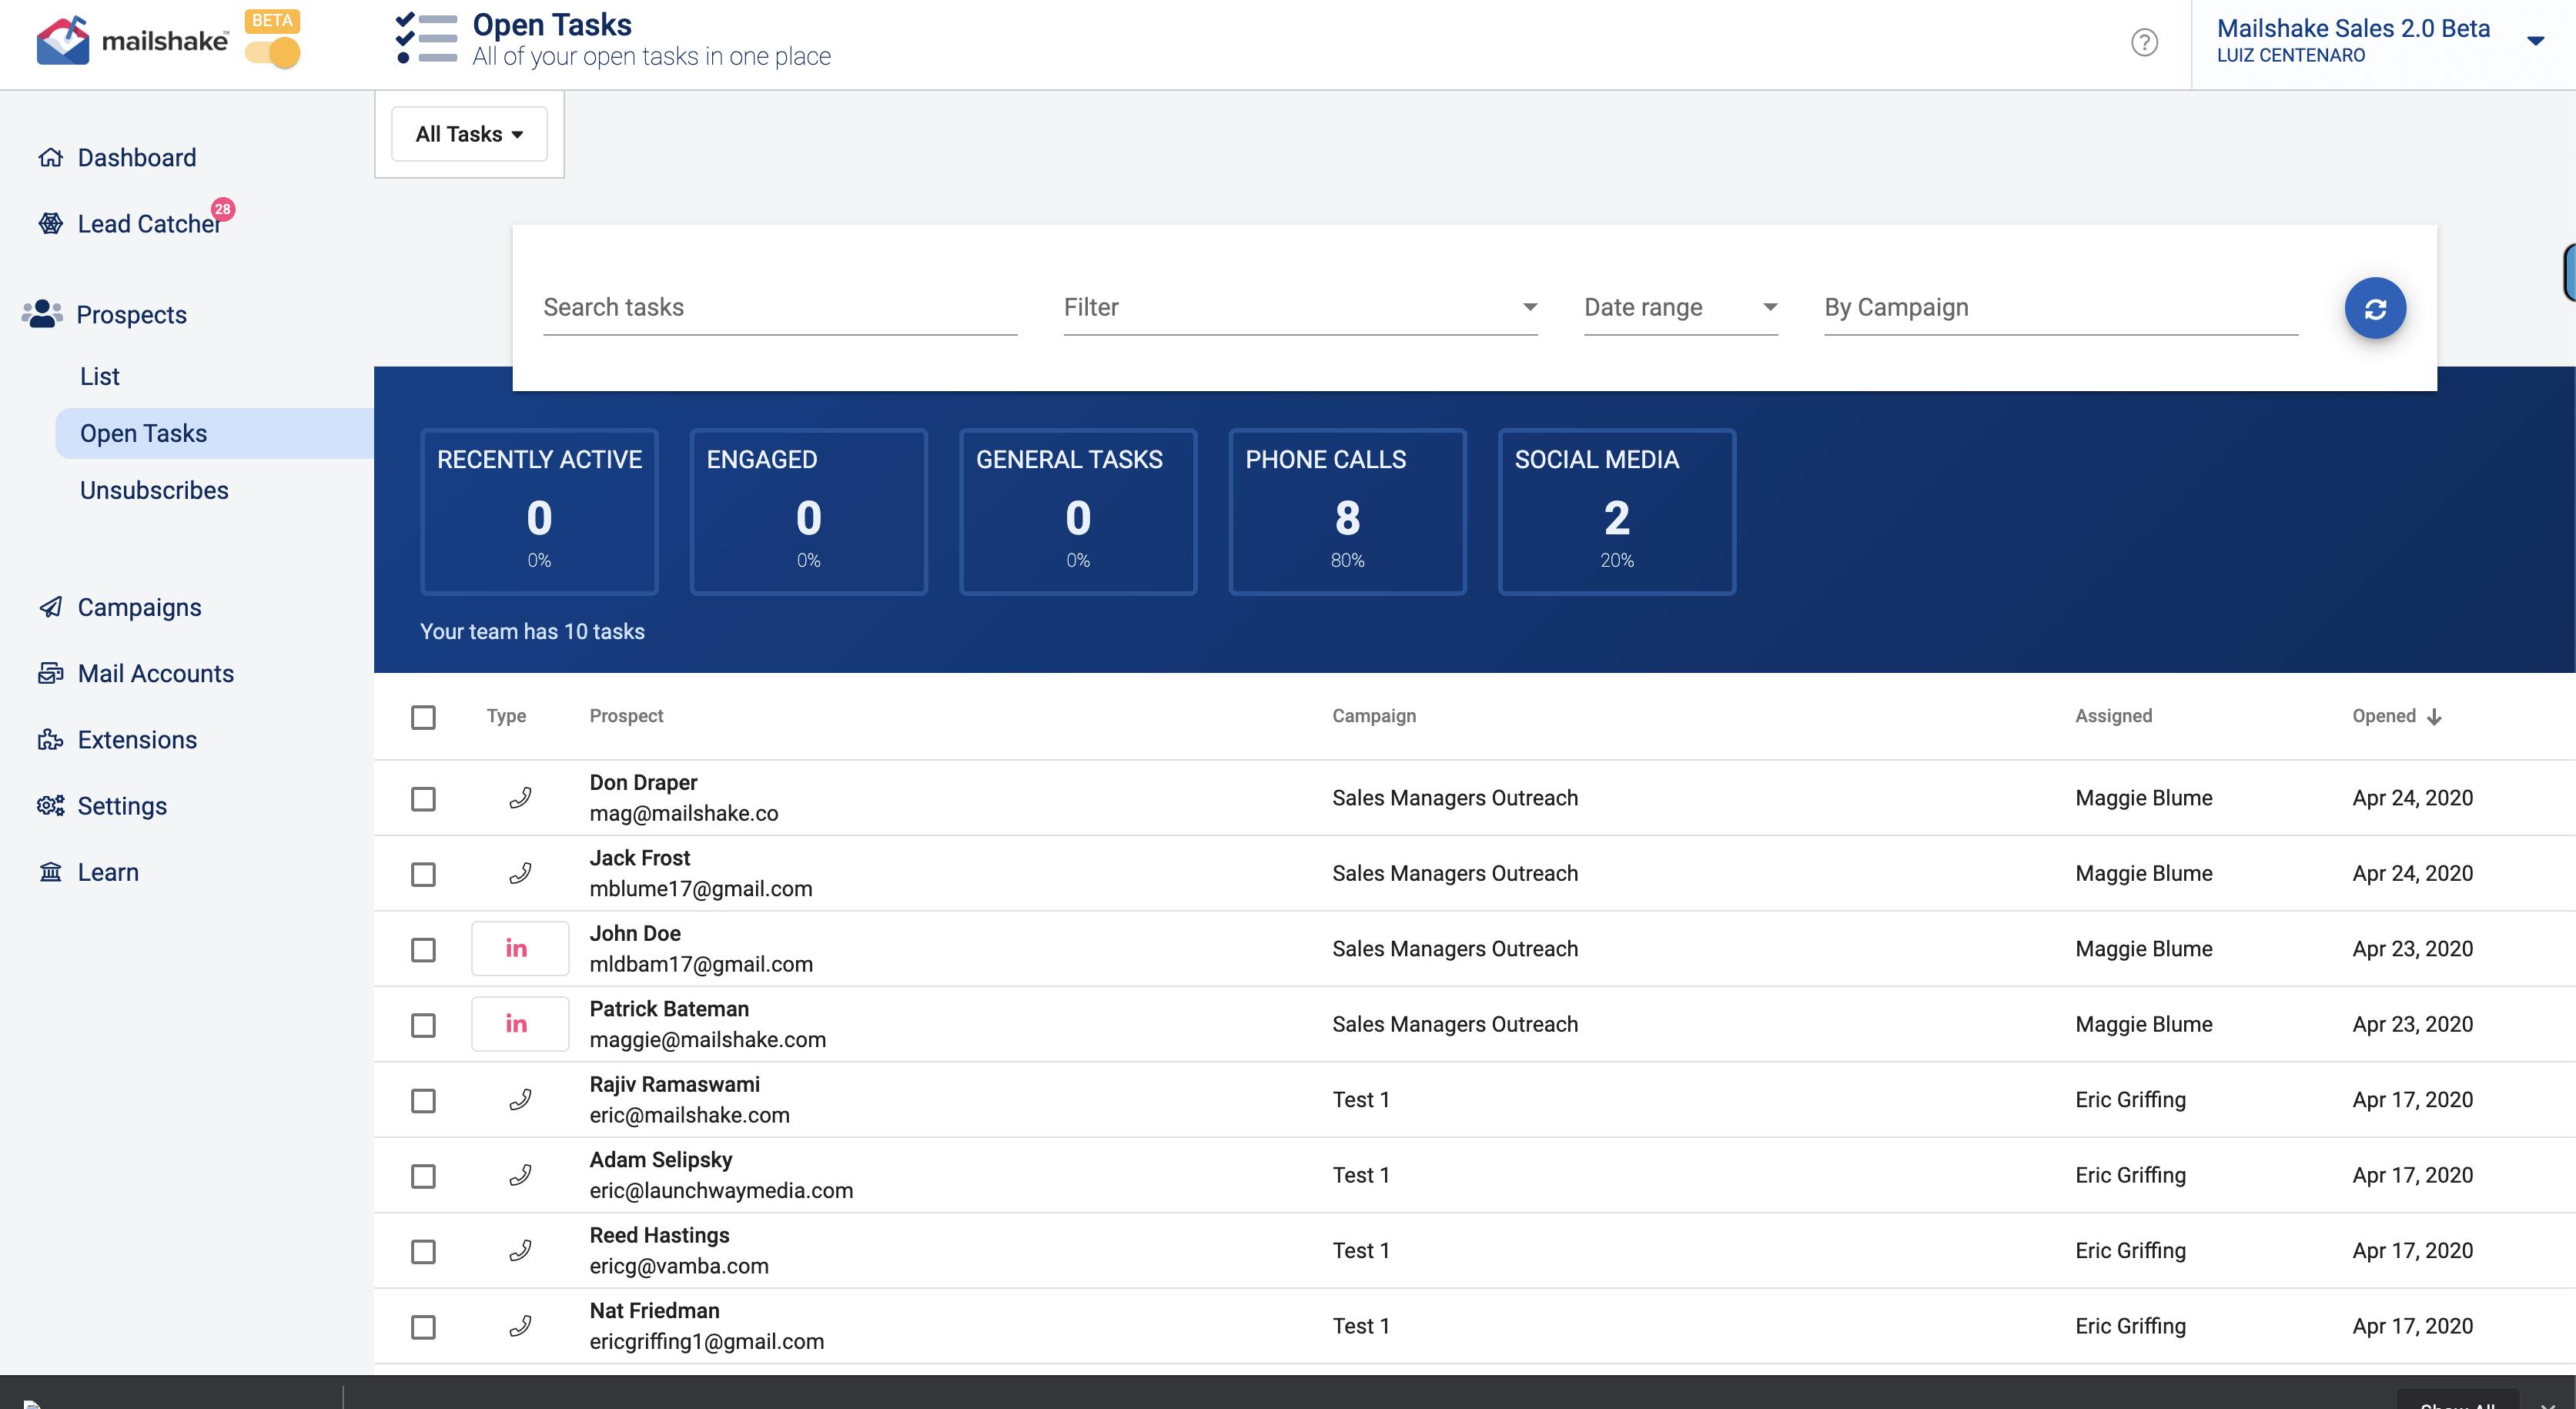 mailshake beta